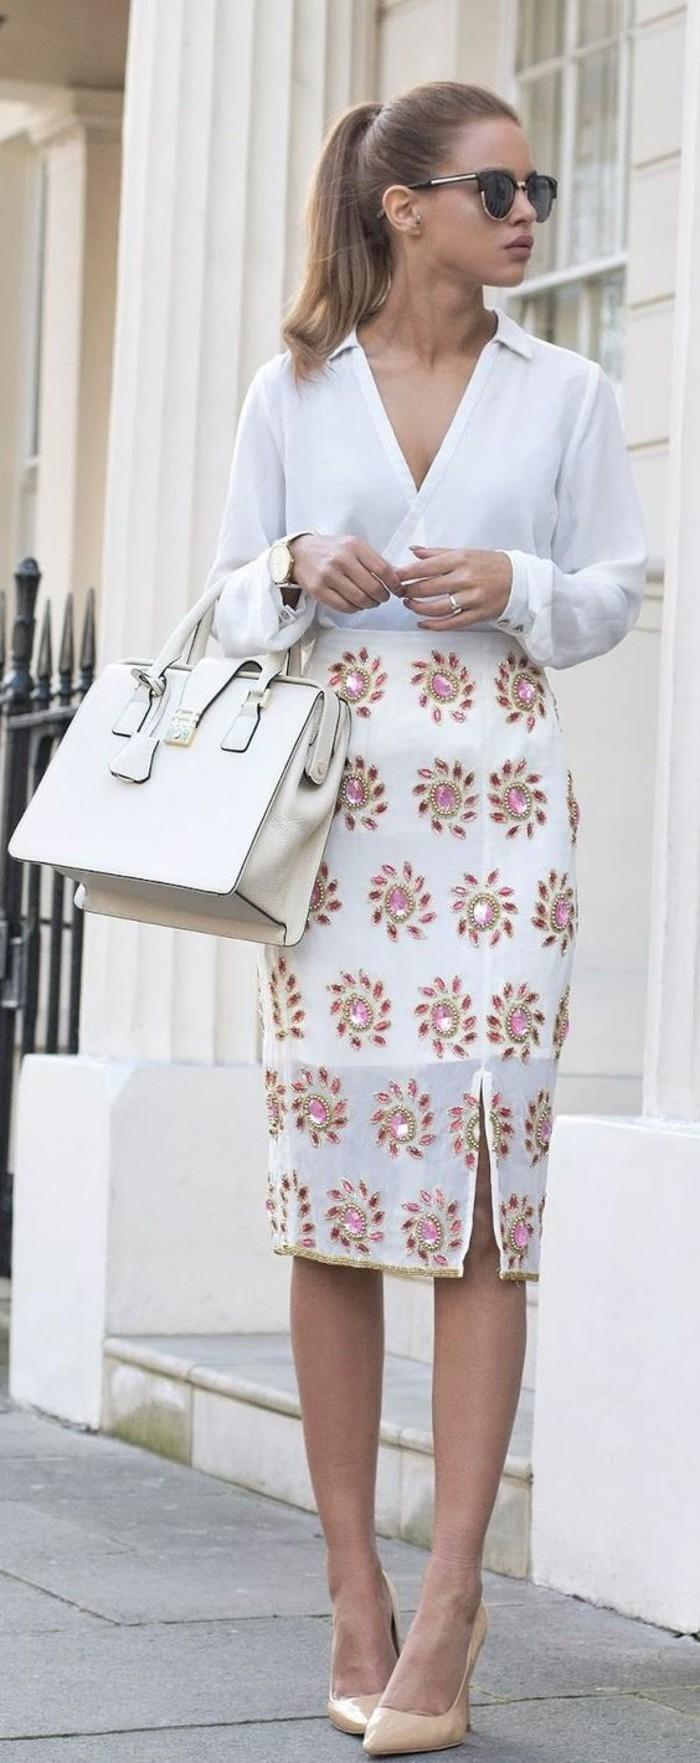 jupe taille haute avec fente latérale des fleurs Swarovski sur fond blanc